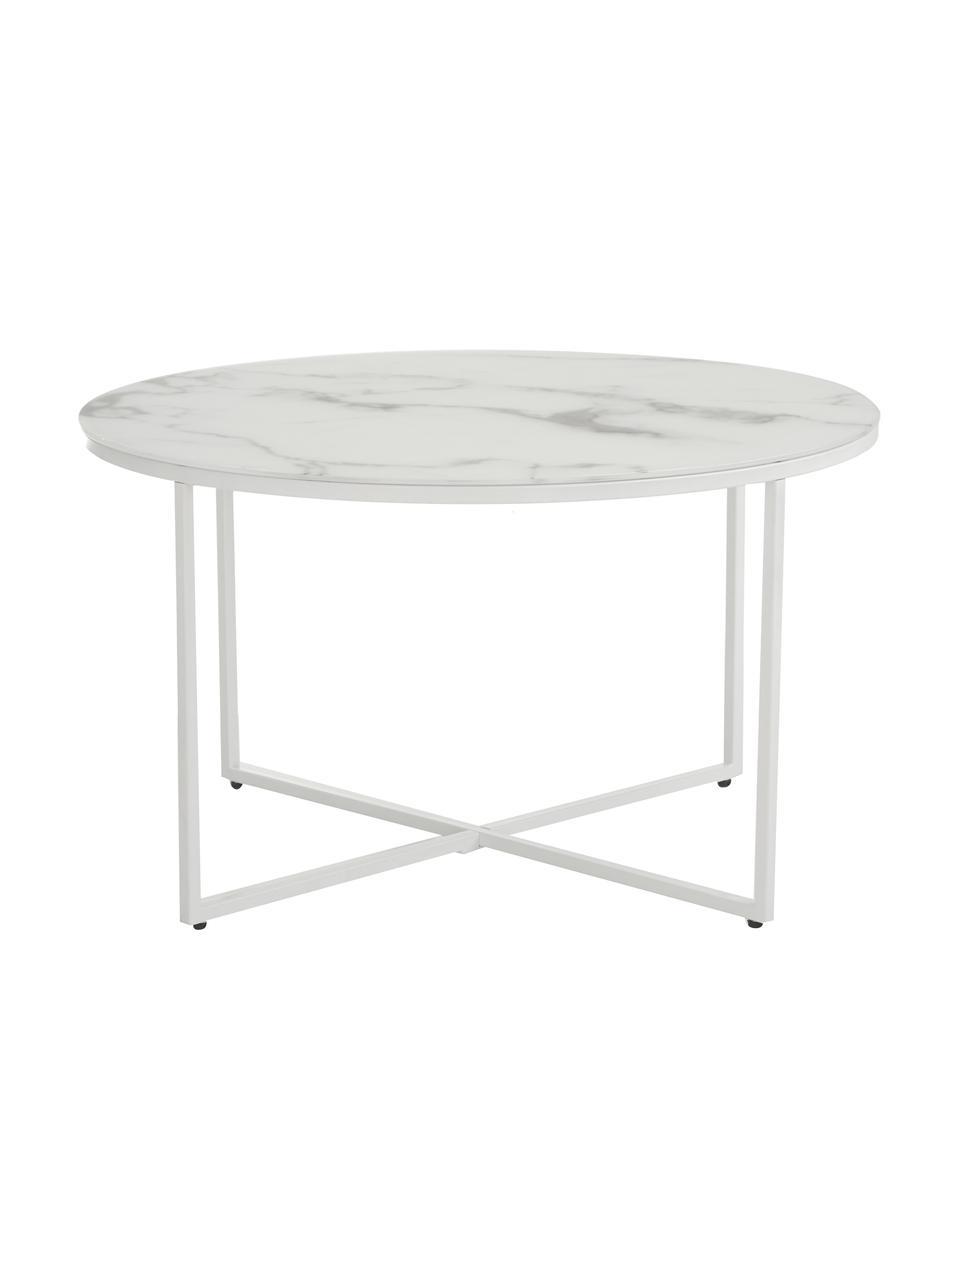 Table basse en verre marbré Antigua, Blanc-gris marbré, blanc